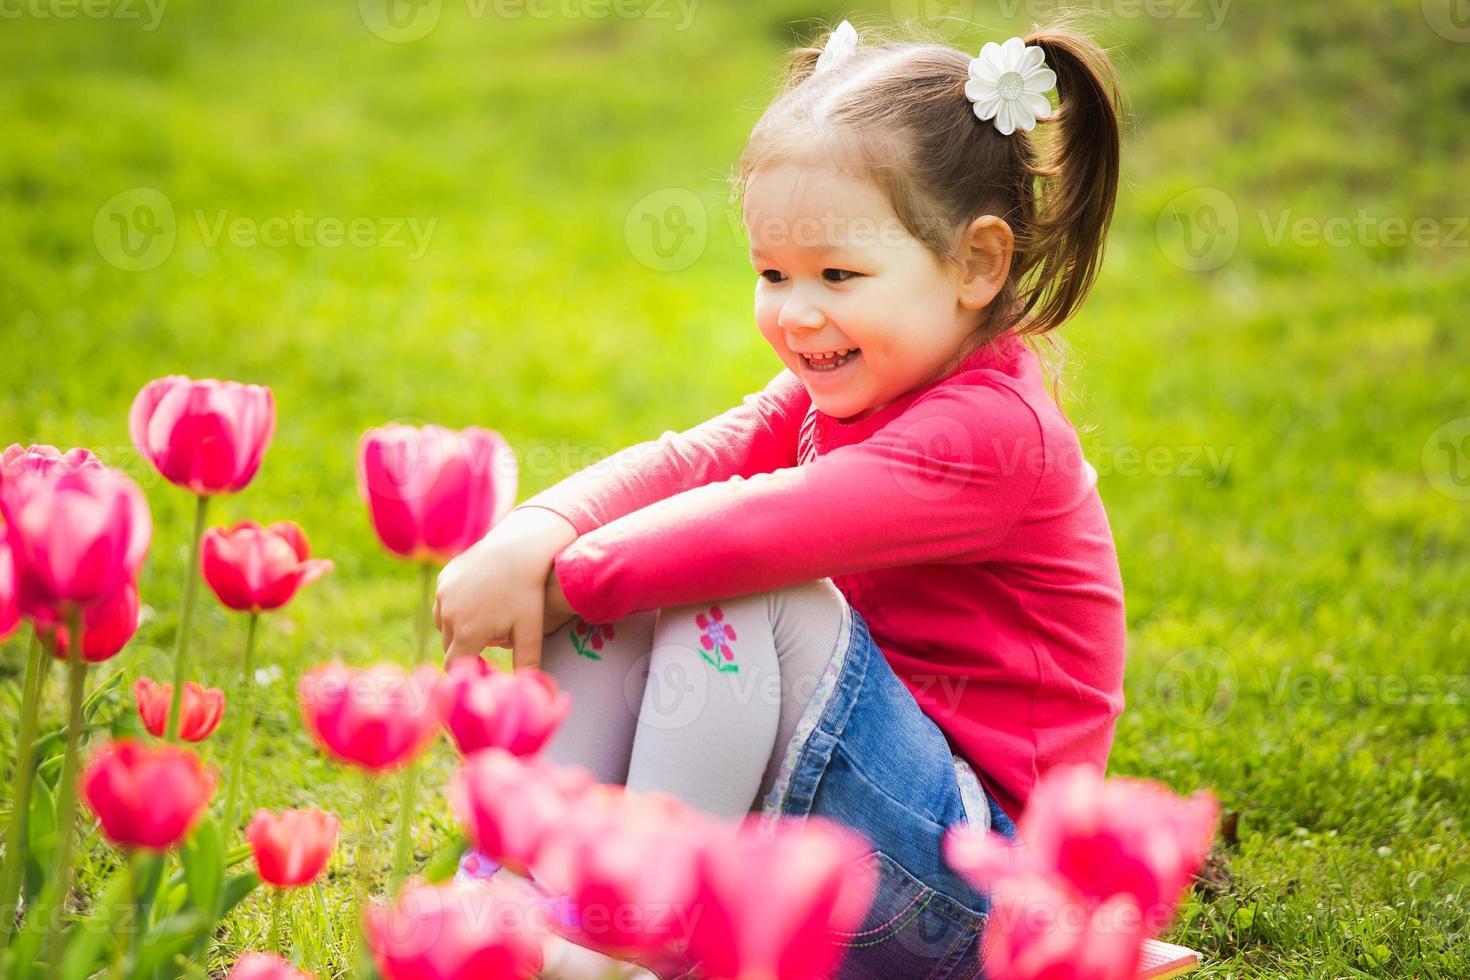 fröhliches kleines Mädchen, das im Gras sitzt und Tulpen betrachtet foto